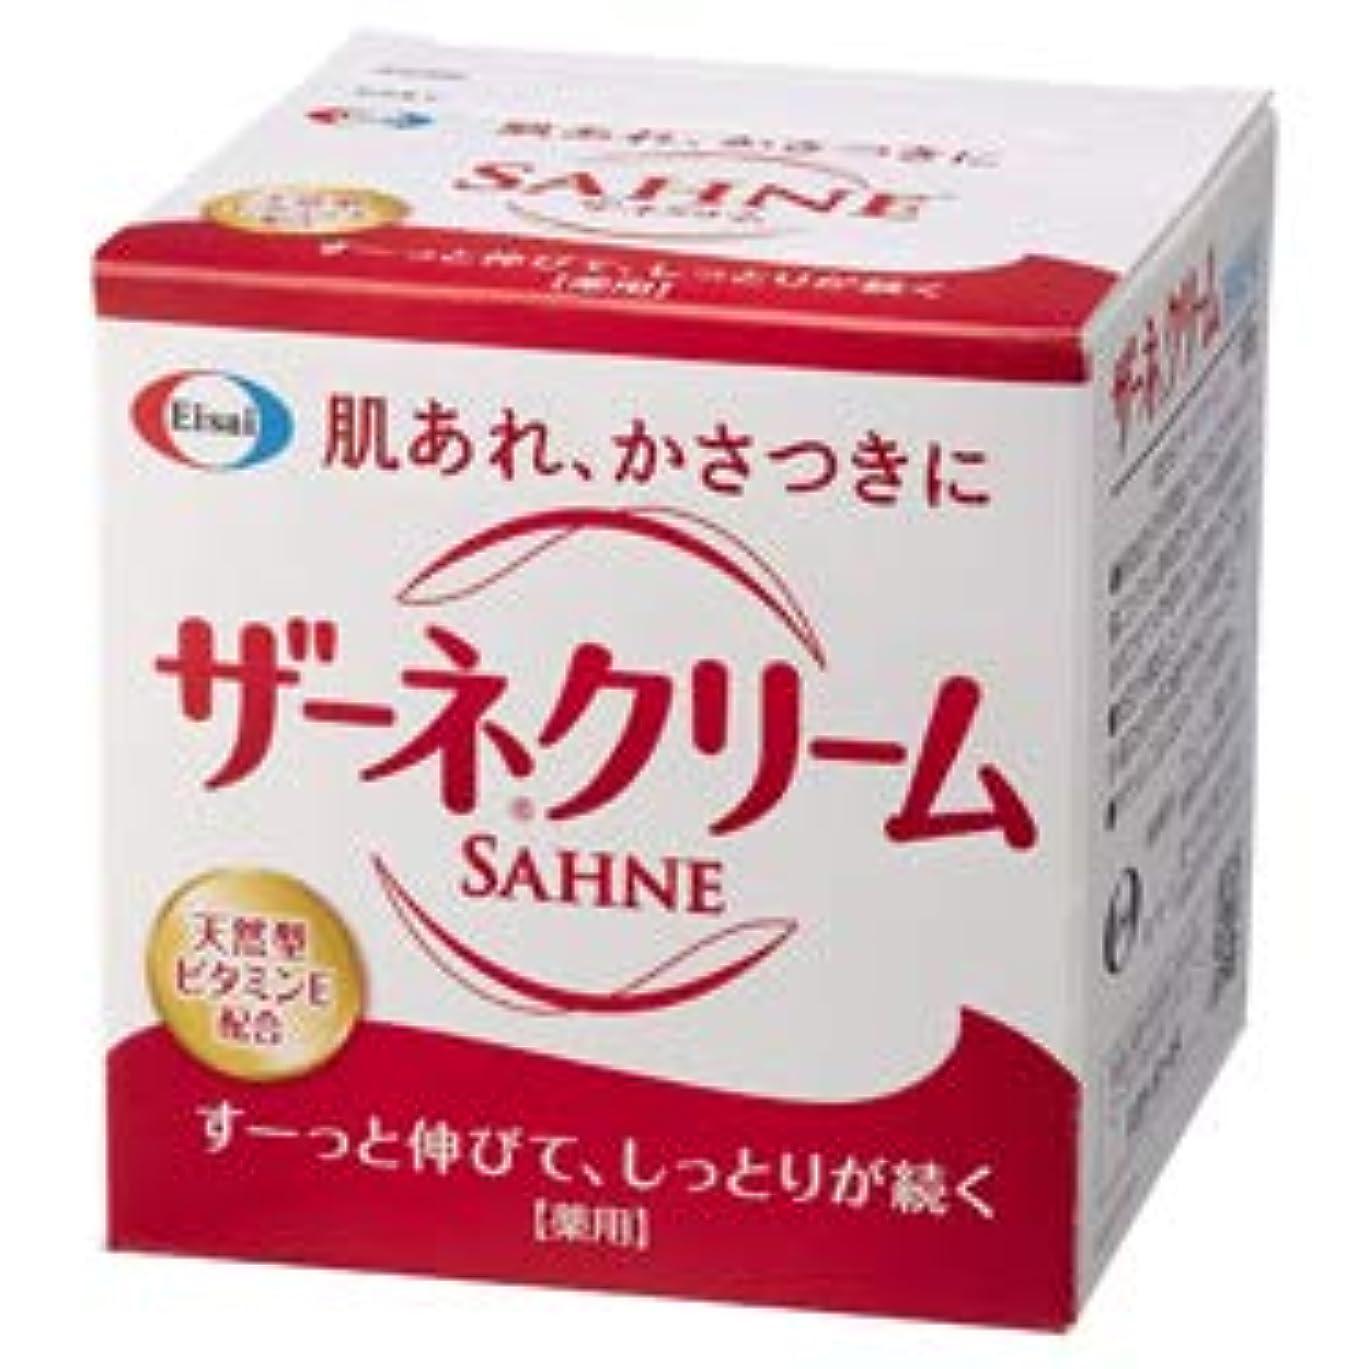 テメリティ牛肉電話する【エーザイ】ザーネクリーム 100g(医薬部外品) ×3個セット